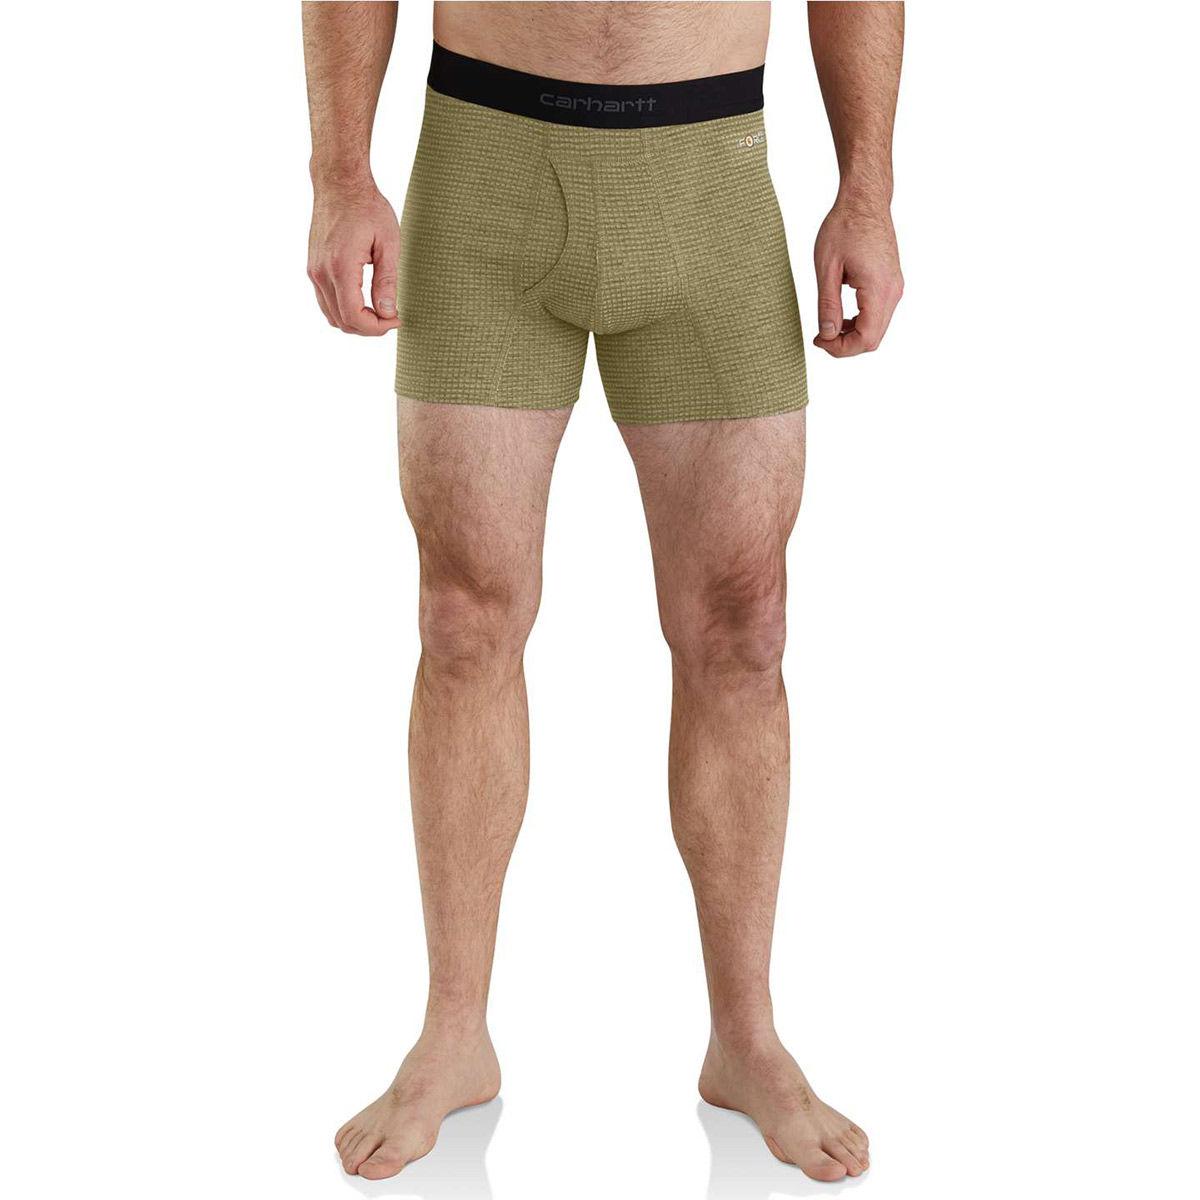 Carhartt Men's Base Force Tech Boxer Brief - Green, XL